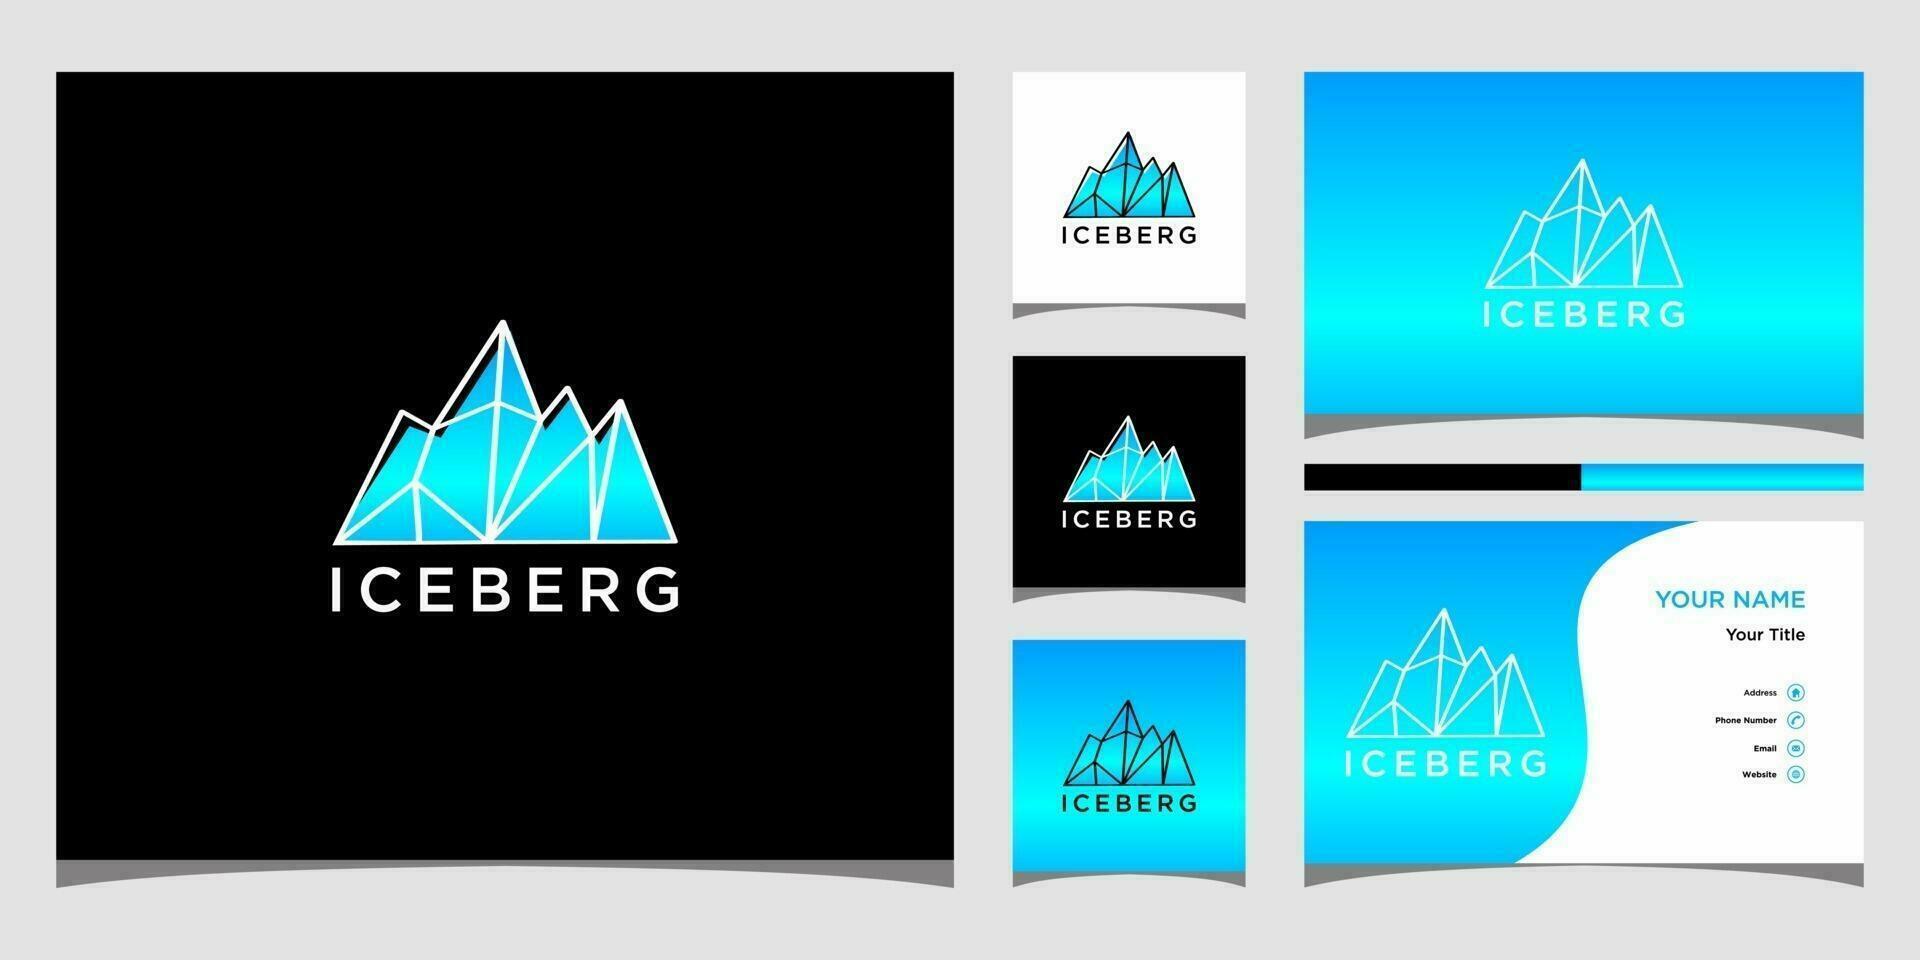 isberg logotyp mallar och visitkort design premium vektor